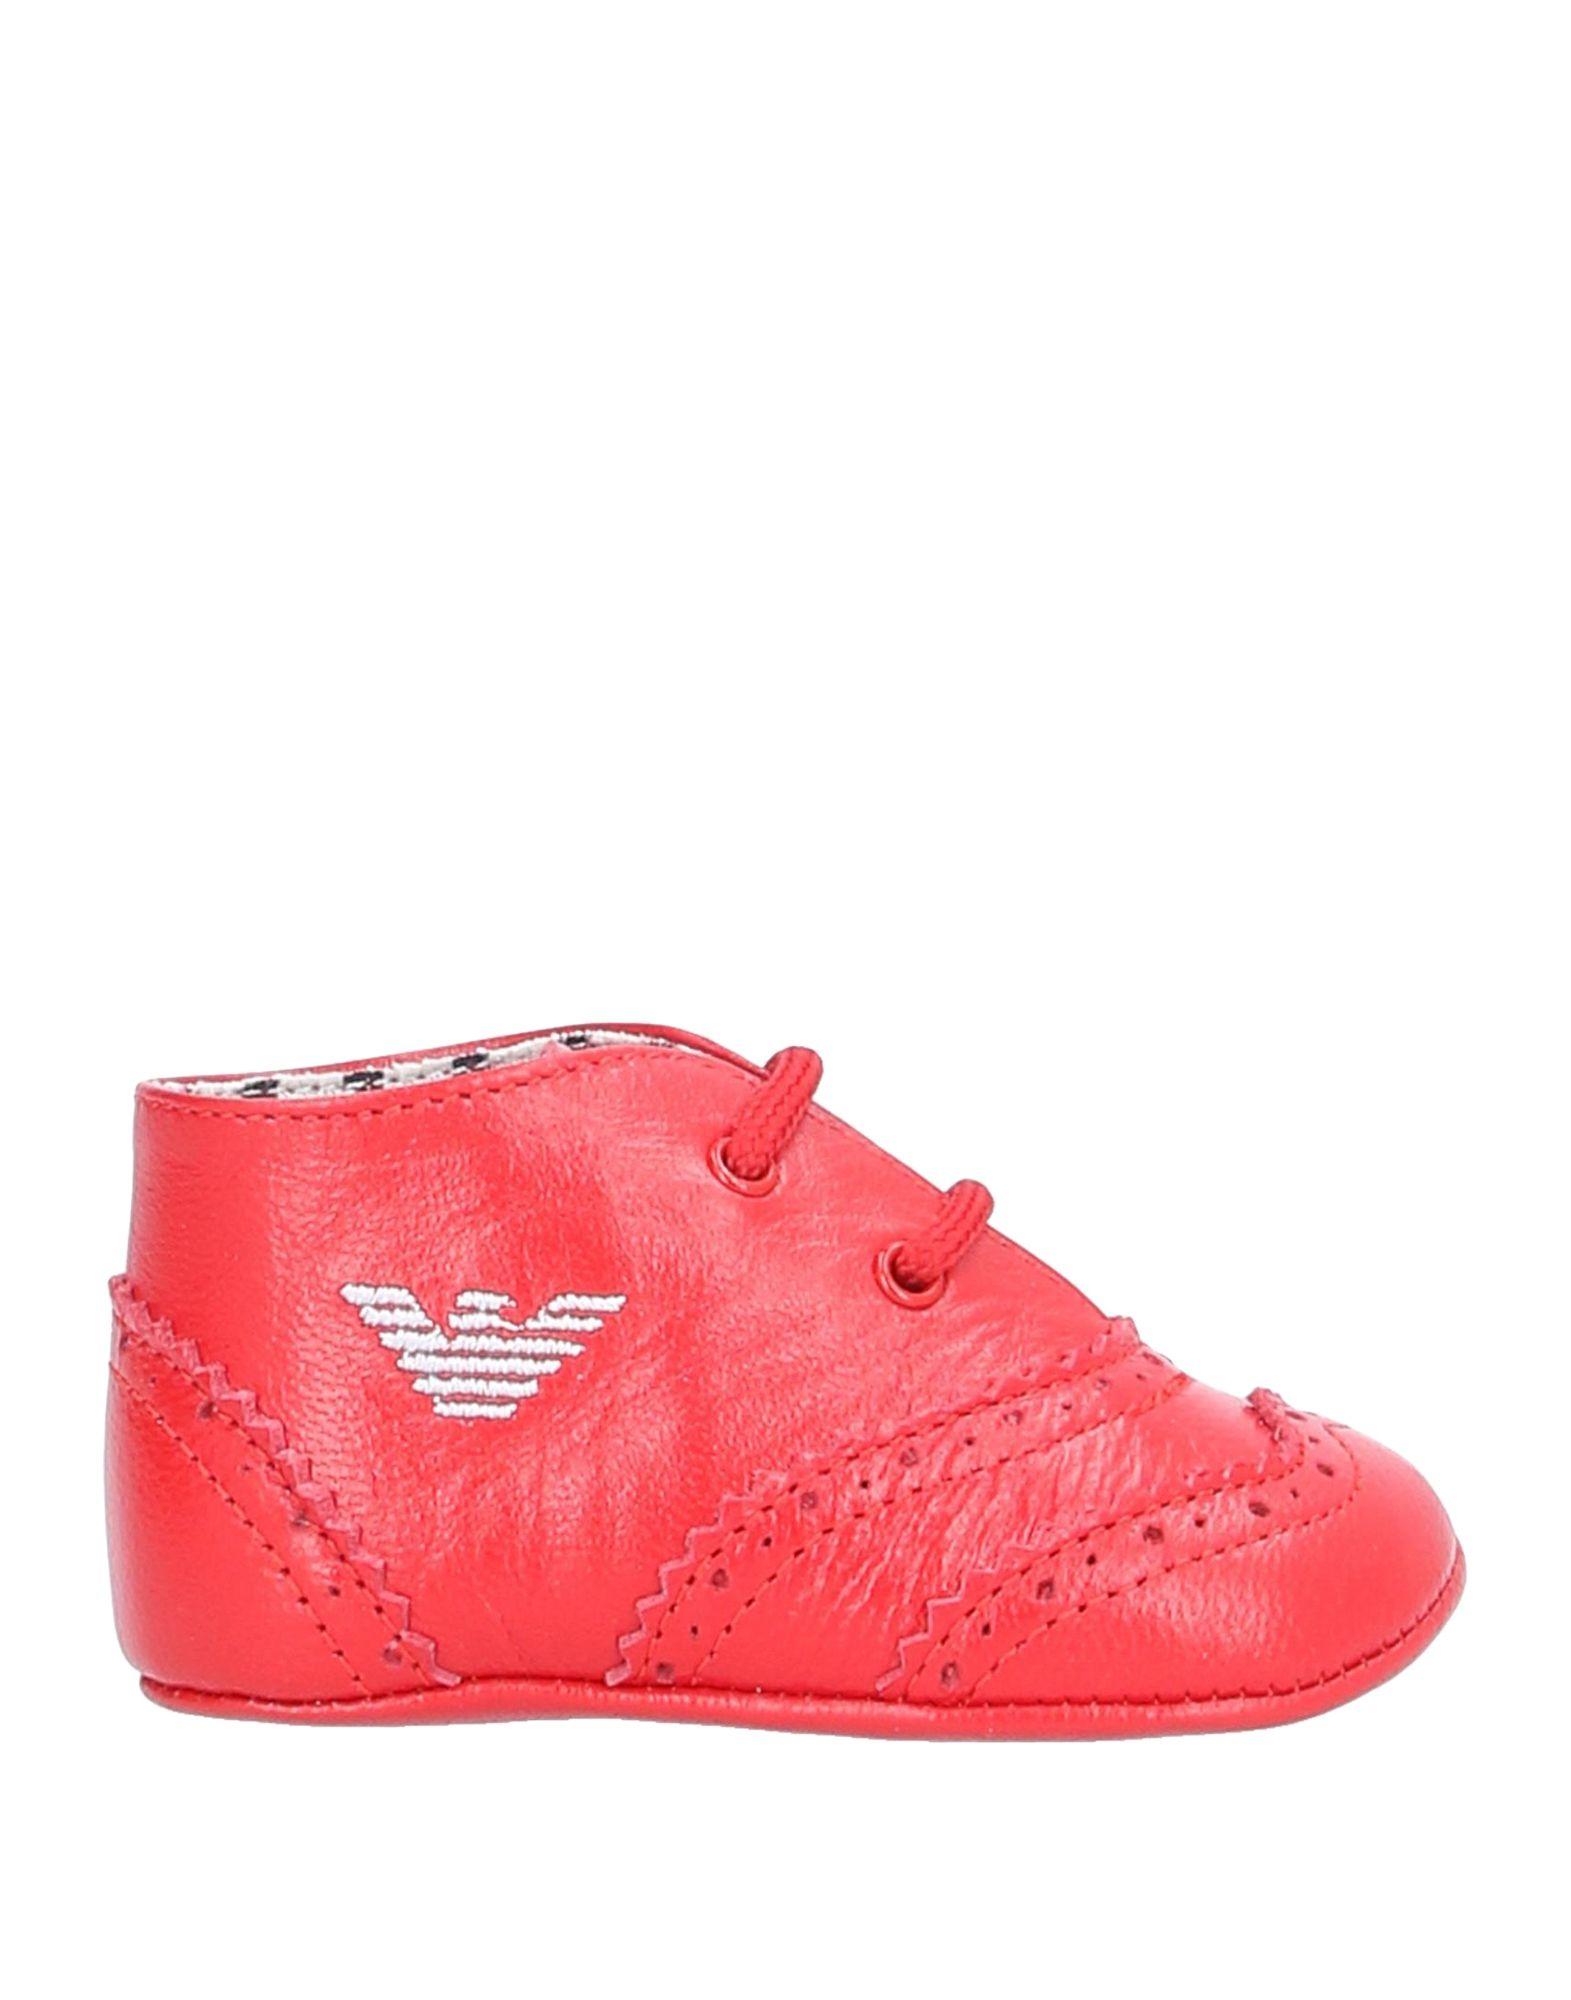 EMPORIO ARMANI Обувь для новорожденных